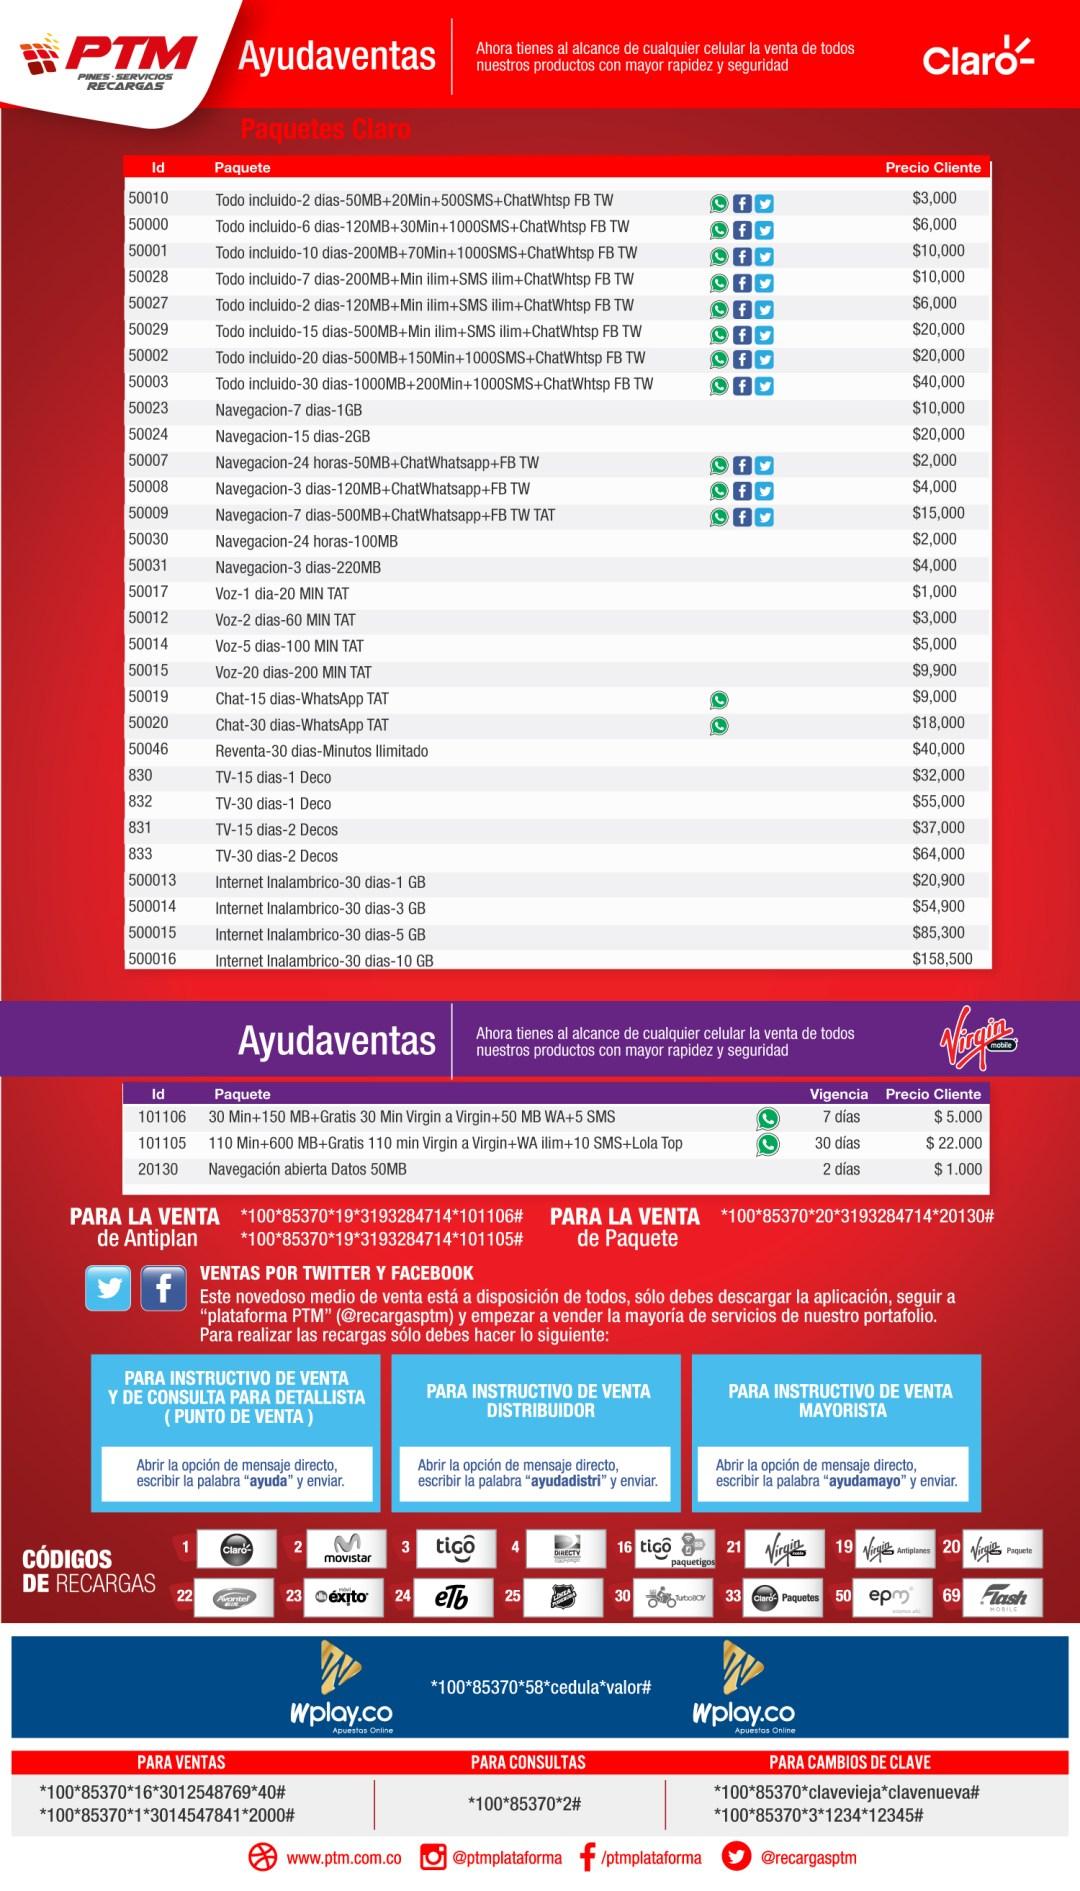 AYUDAVENTAS-CARA-2 (1)